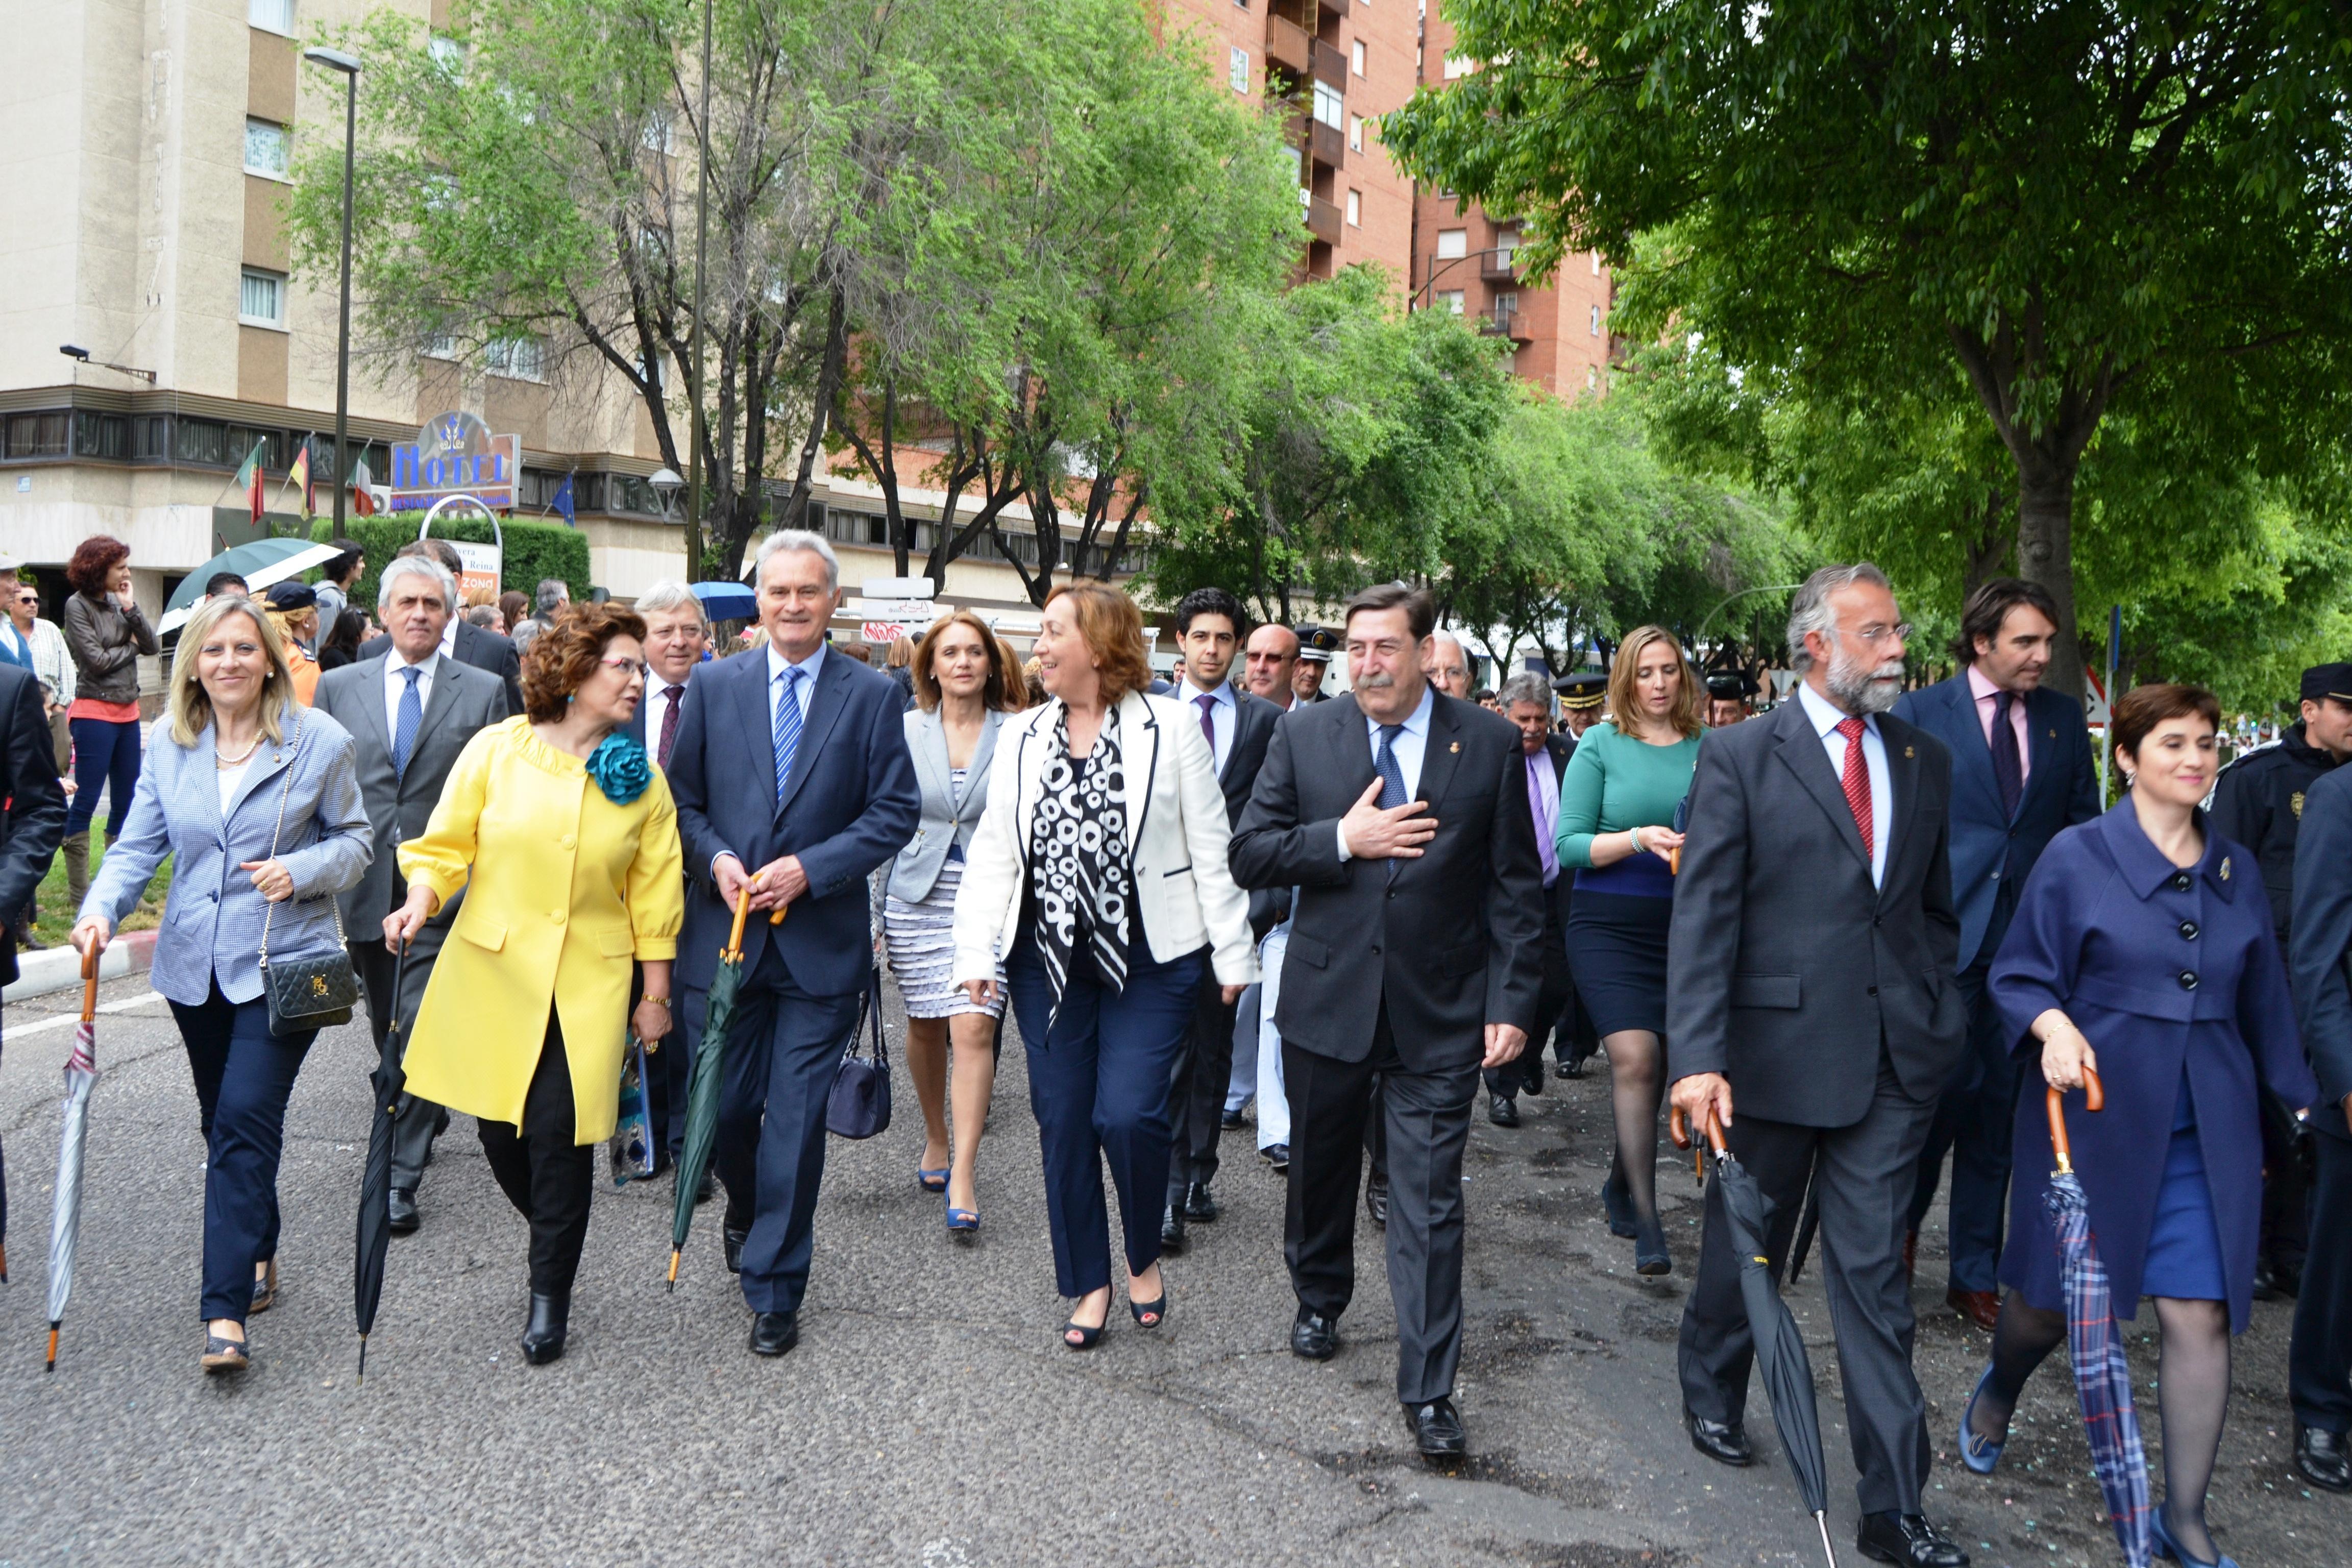 El alcalde de Talavera, dado de alta después de sufrir una angina de pecho